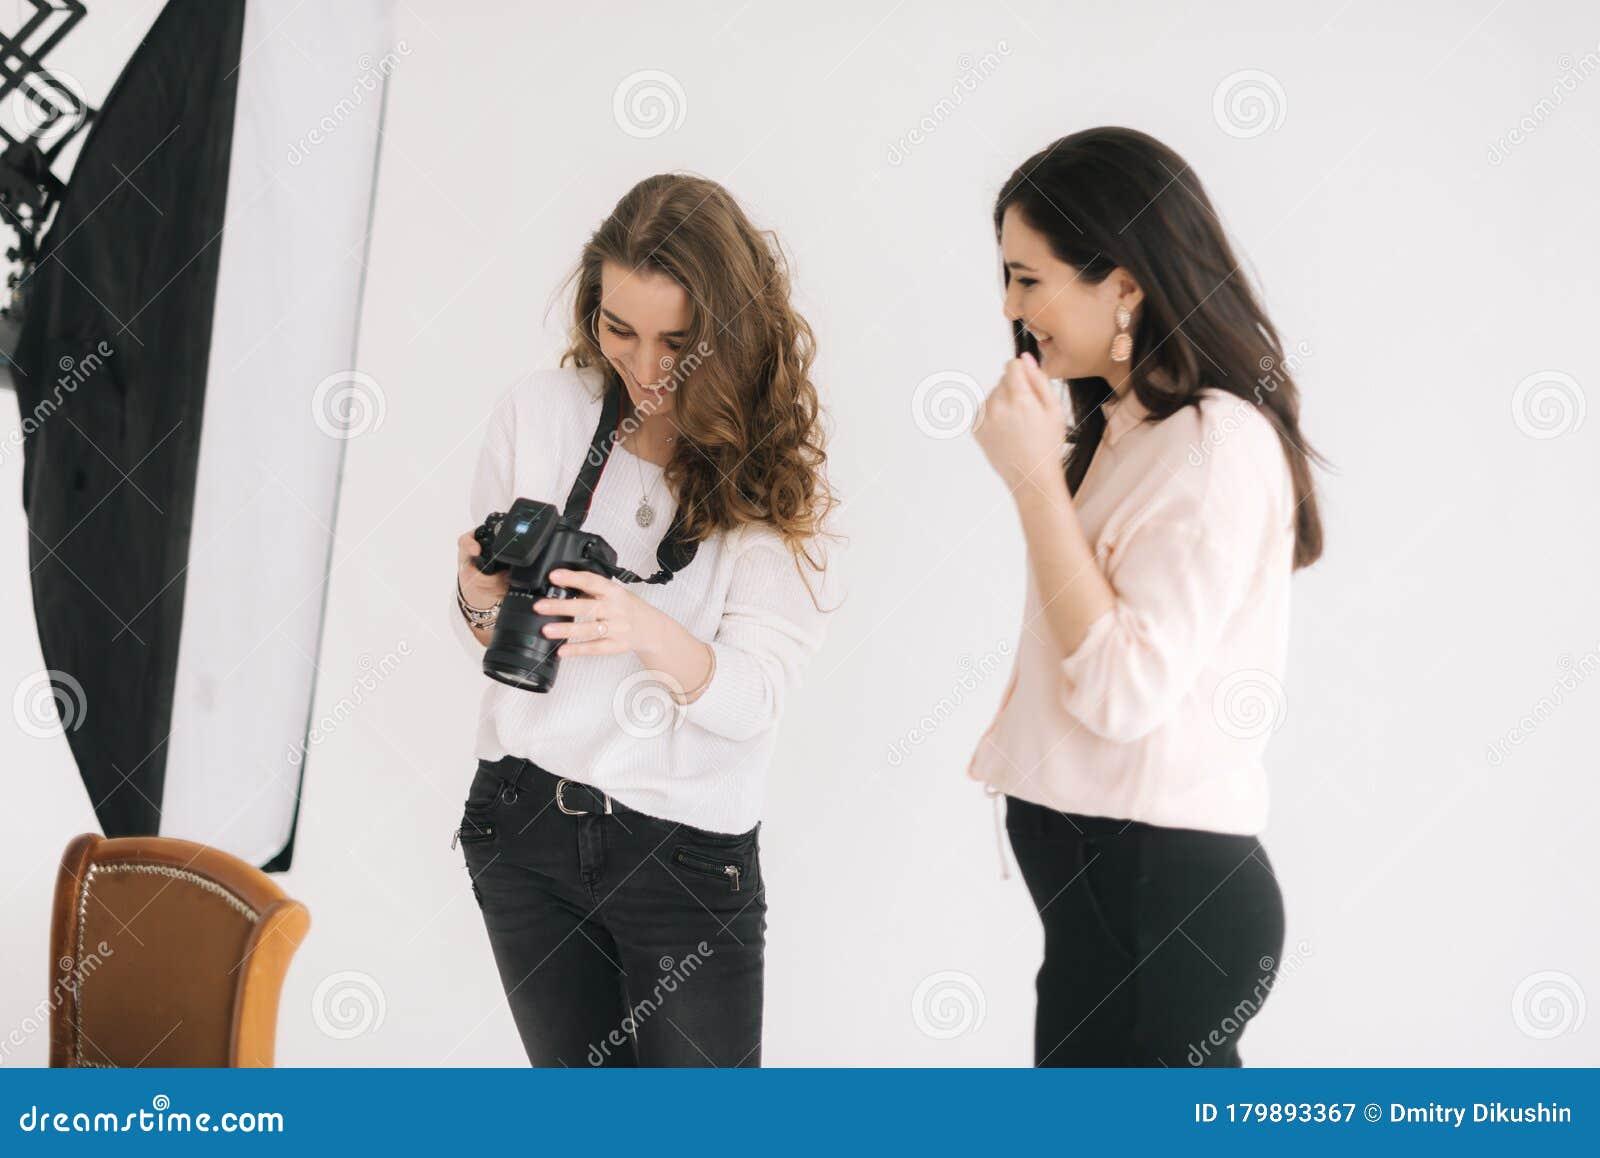 Работа девушке моделью бобров плюс сайз девушка модель работа